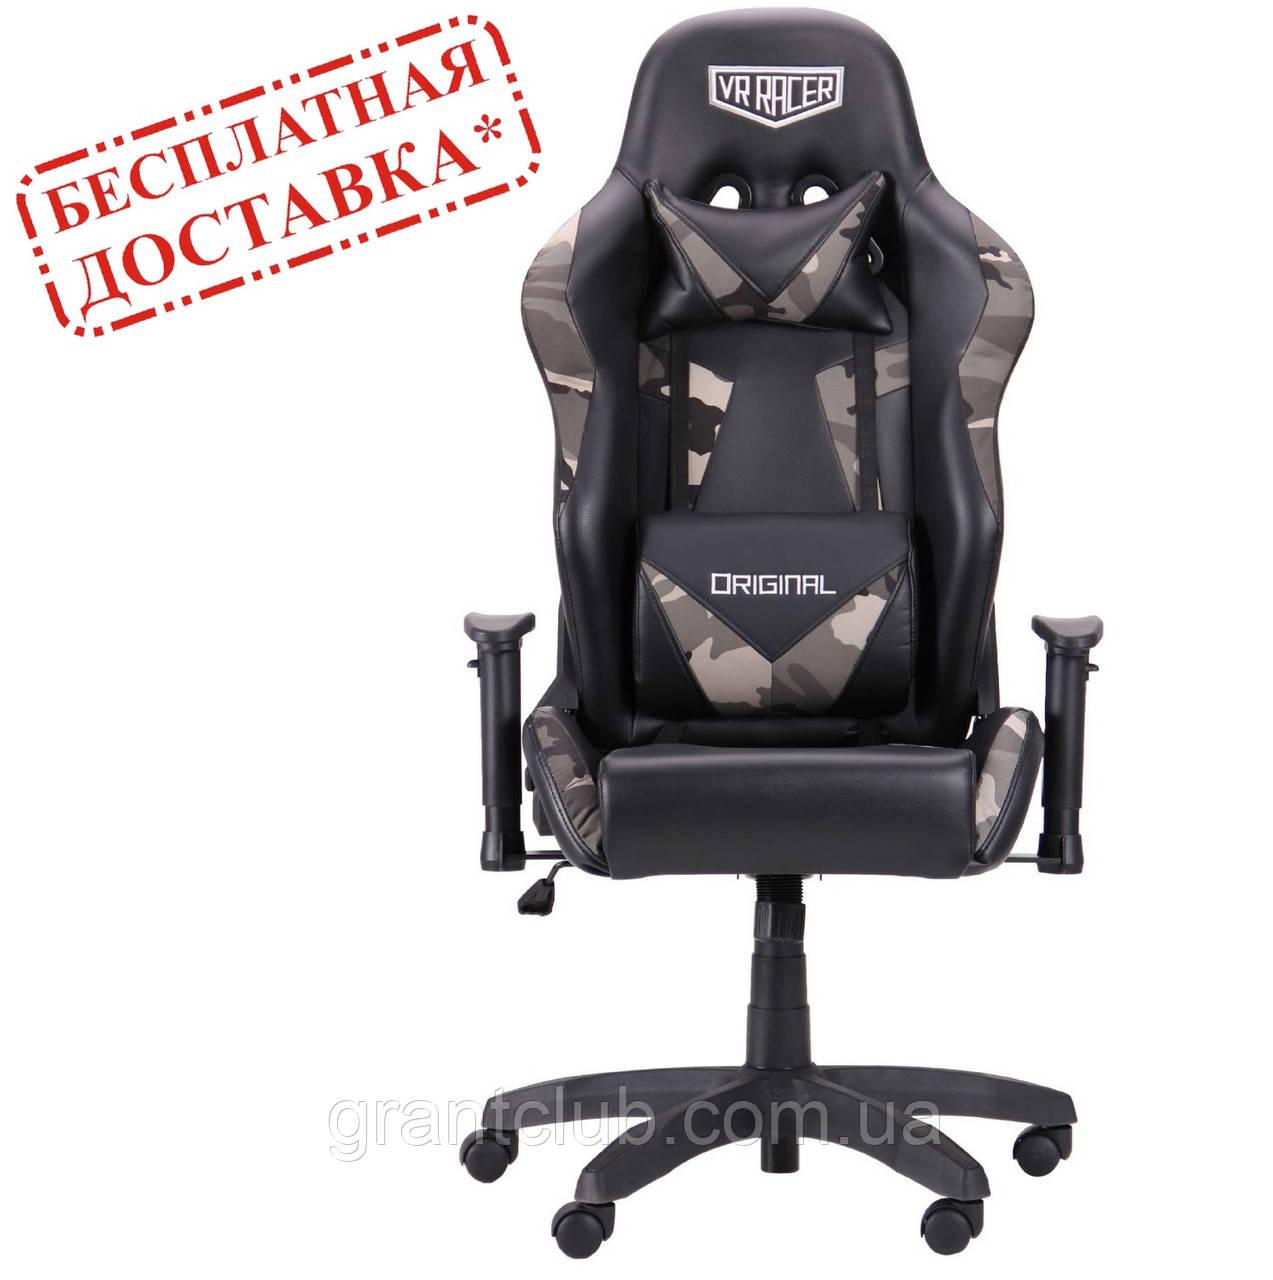 Геймерское кресло VR Racer Original Dazzle черный/камуфляж AMF (бесплатная адресная доставка)